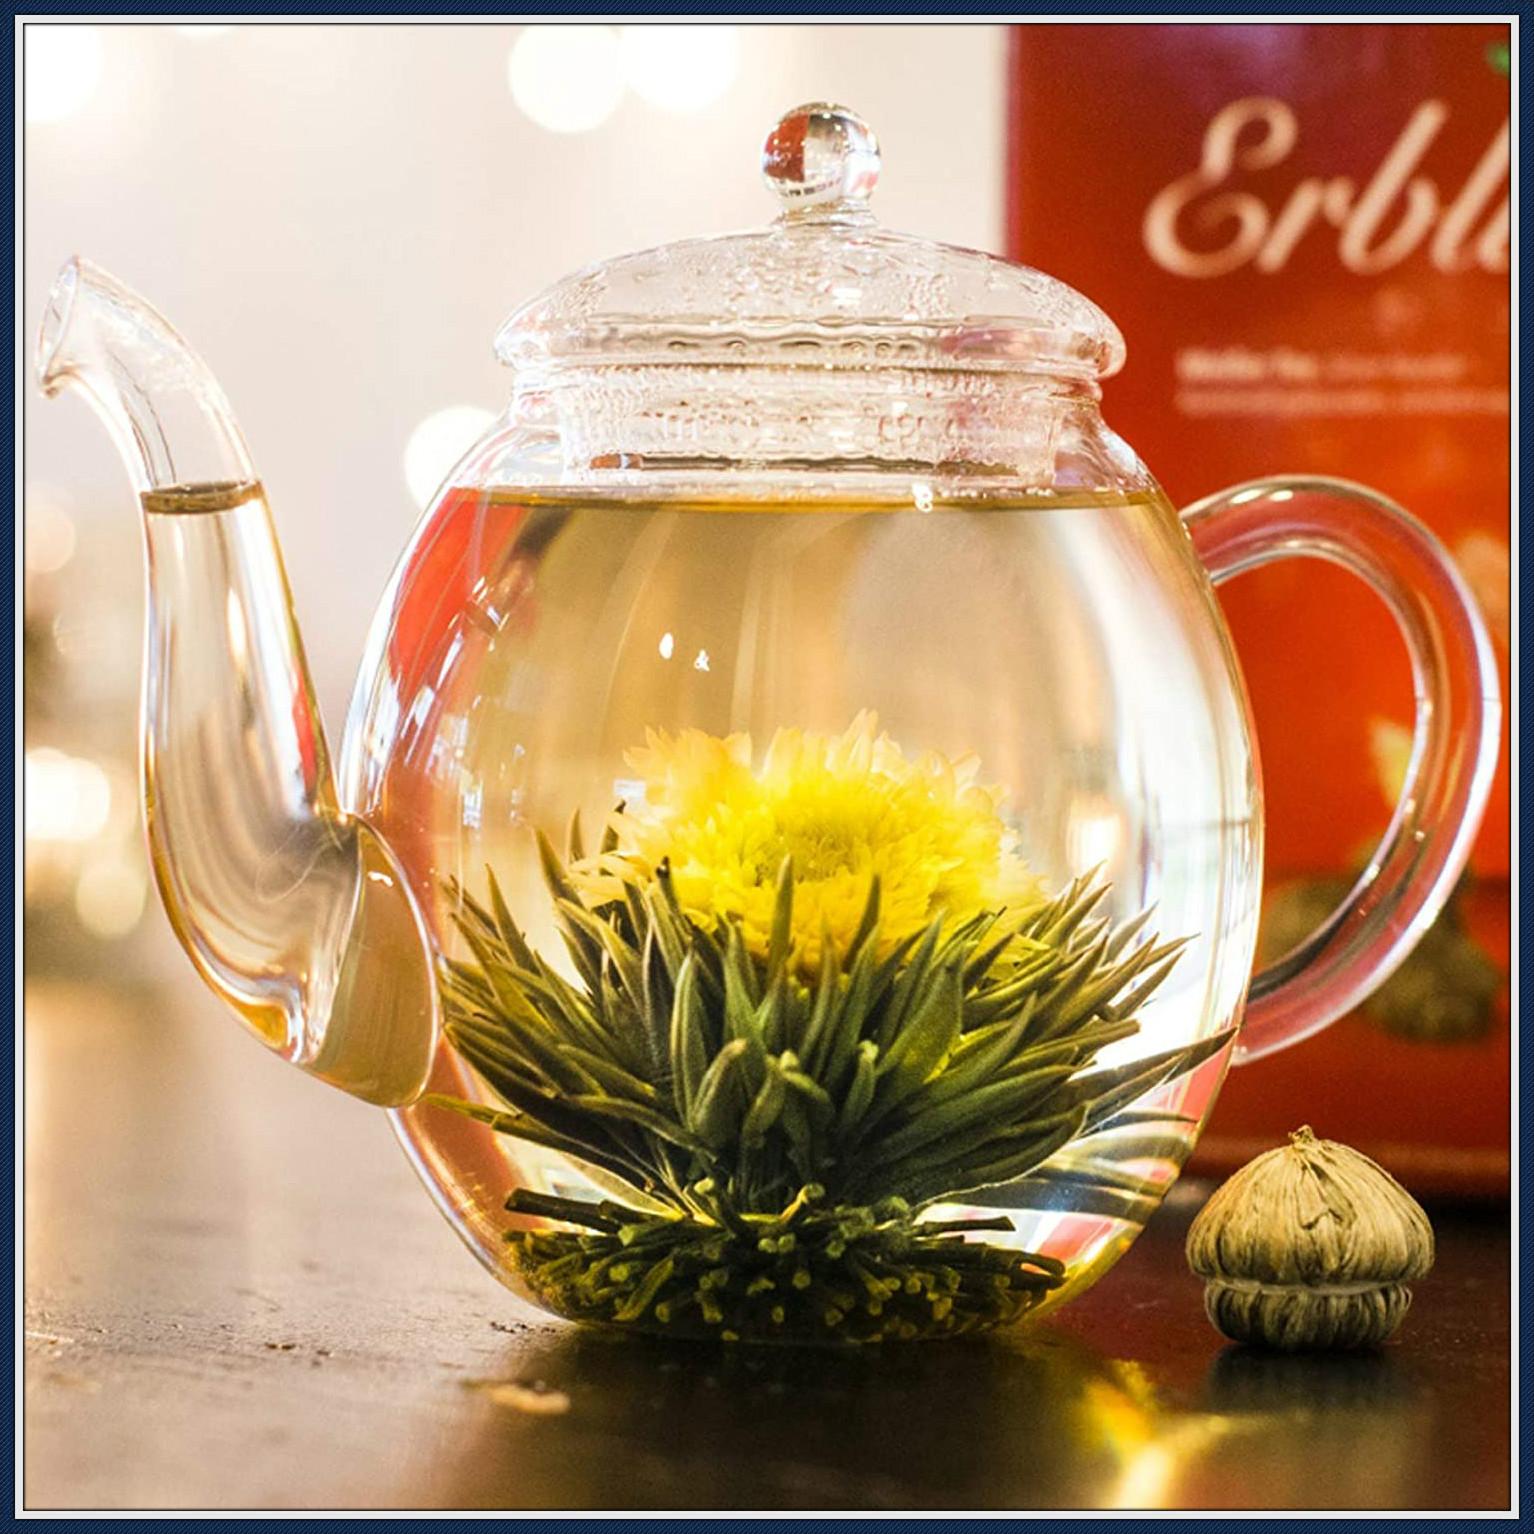 茶壶中缓缓盛开的花朵 Creano茶花礼盒